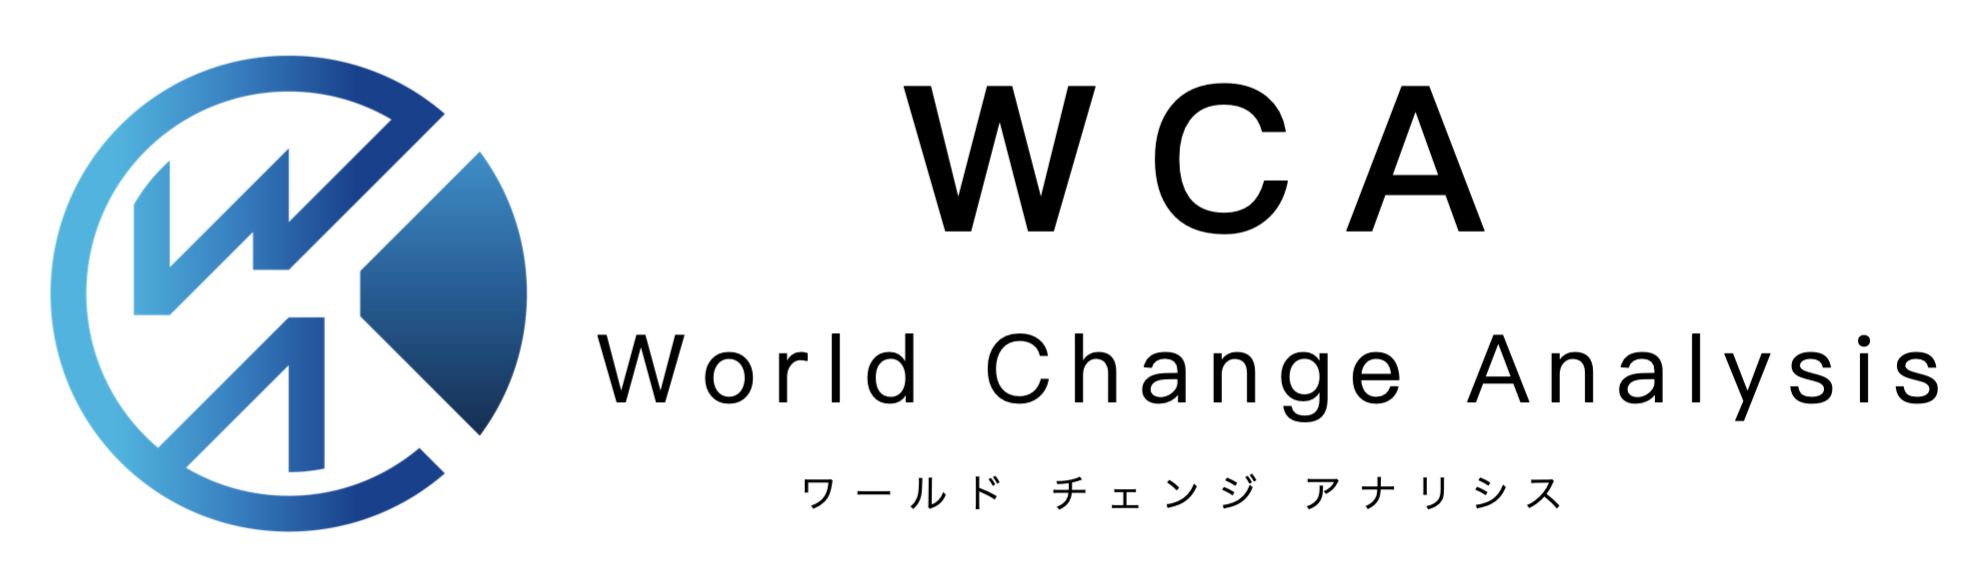 動画制作・映像作成のWCA(東京・埼玉)